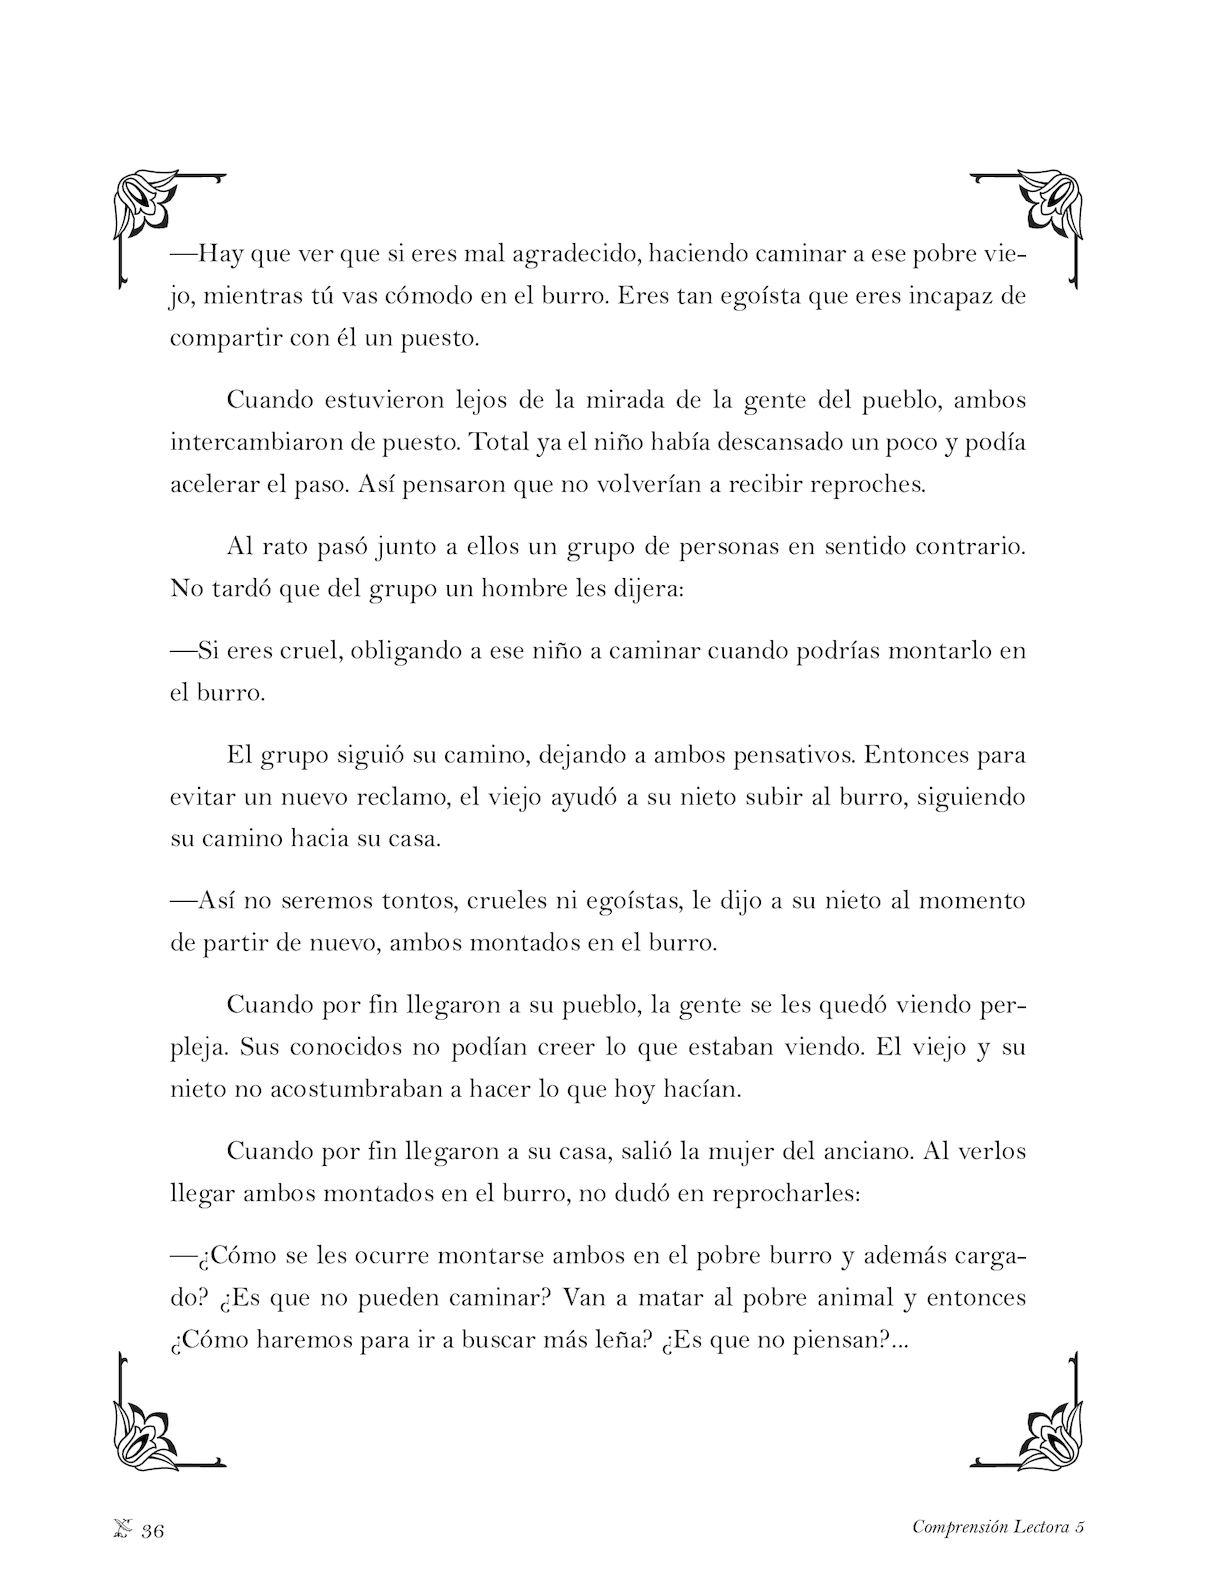 Camino Per La Casa comp lect 5 alumno fe - calameo downloader